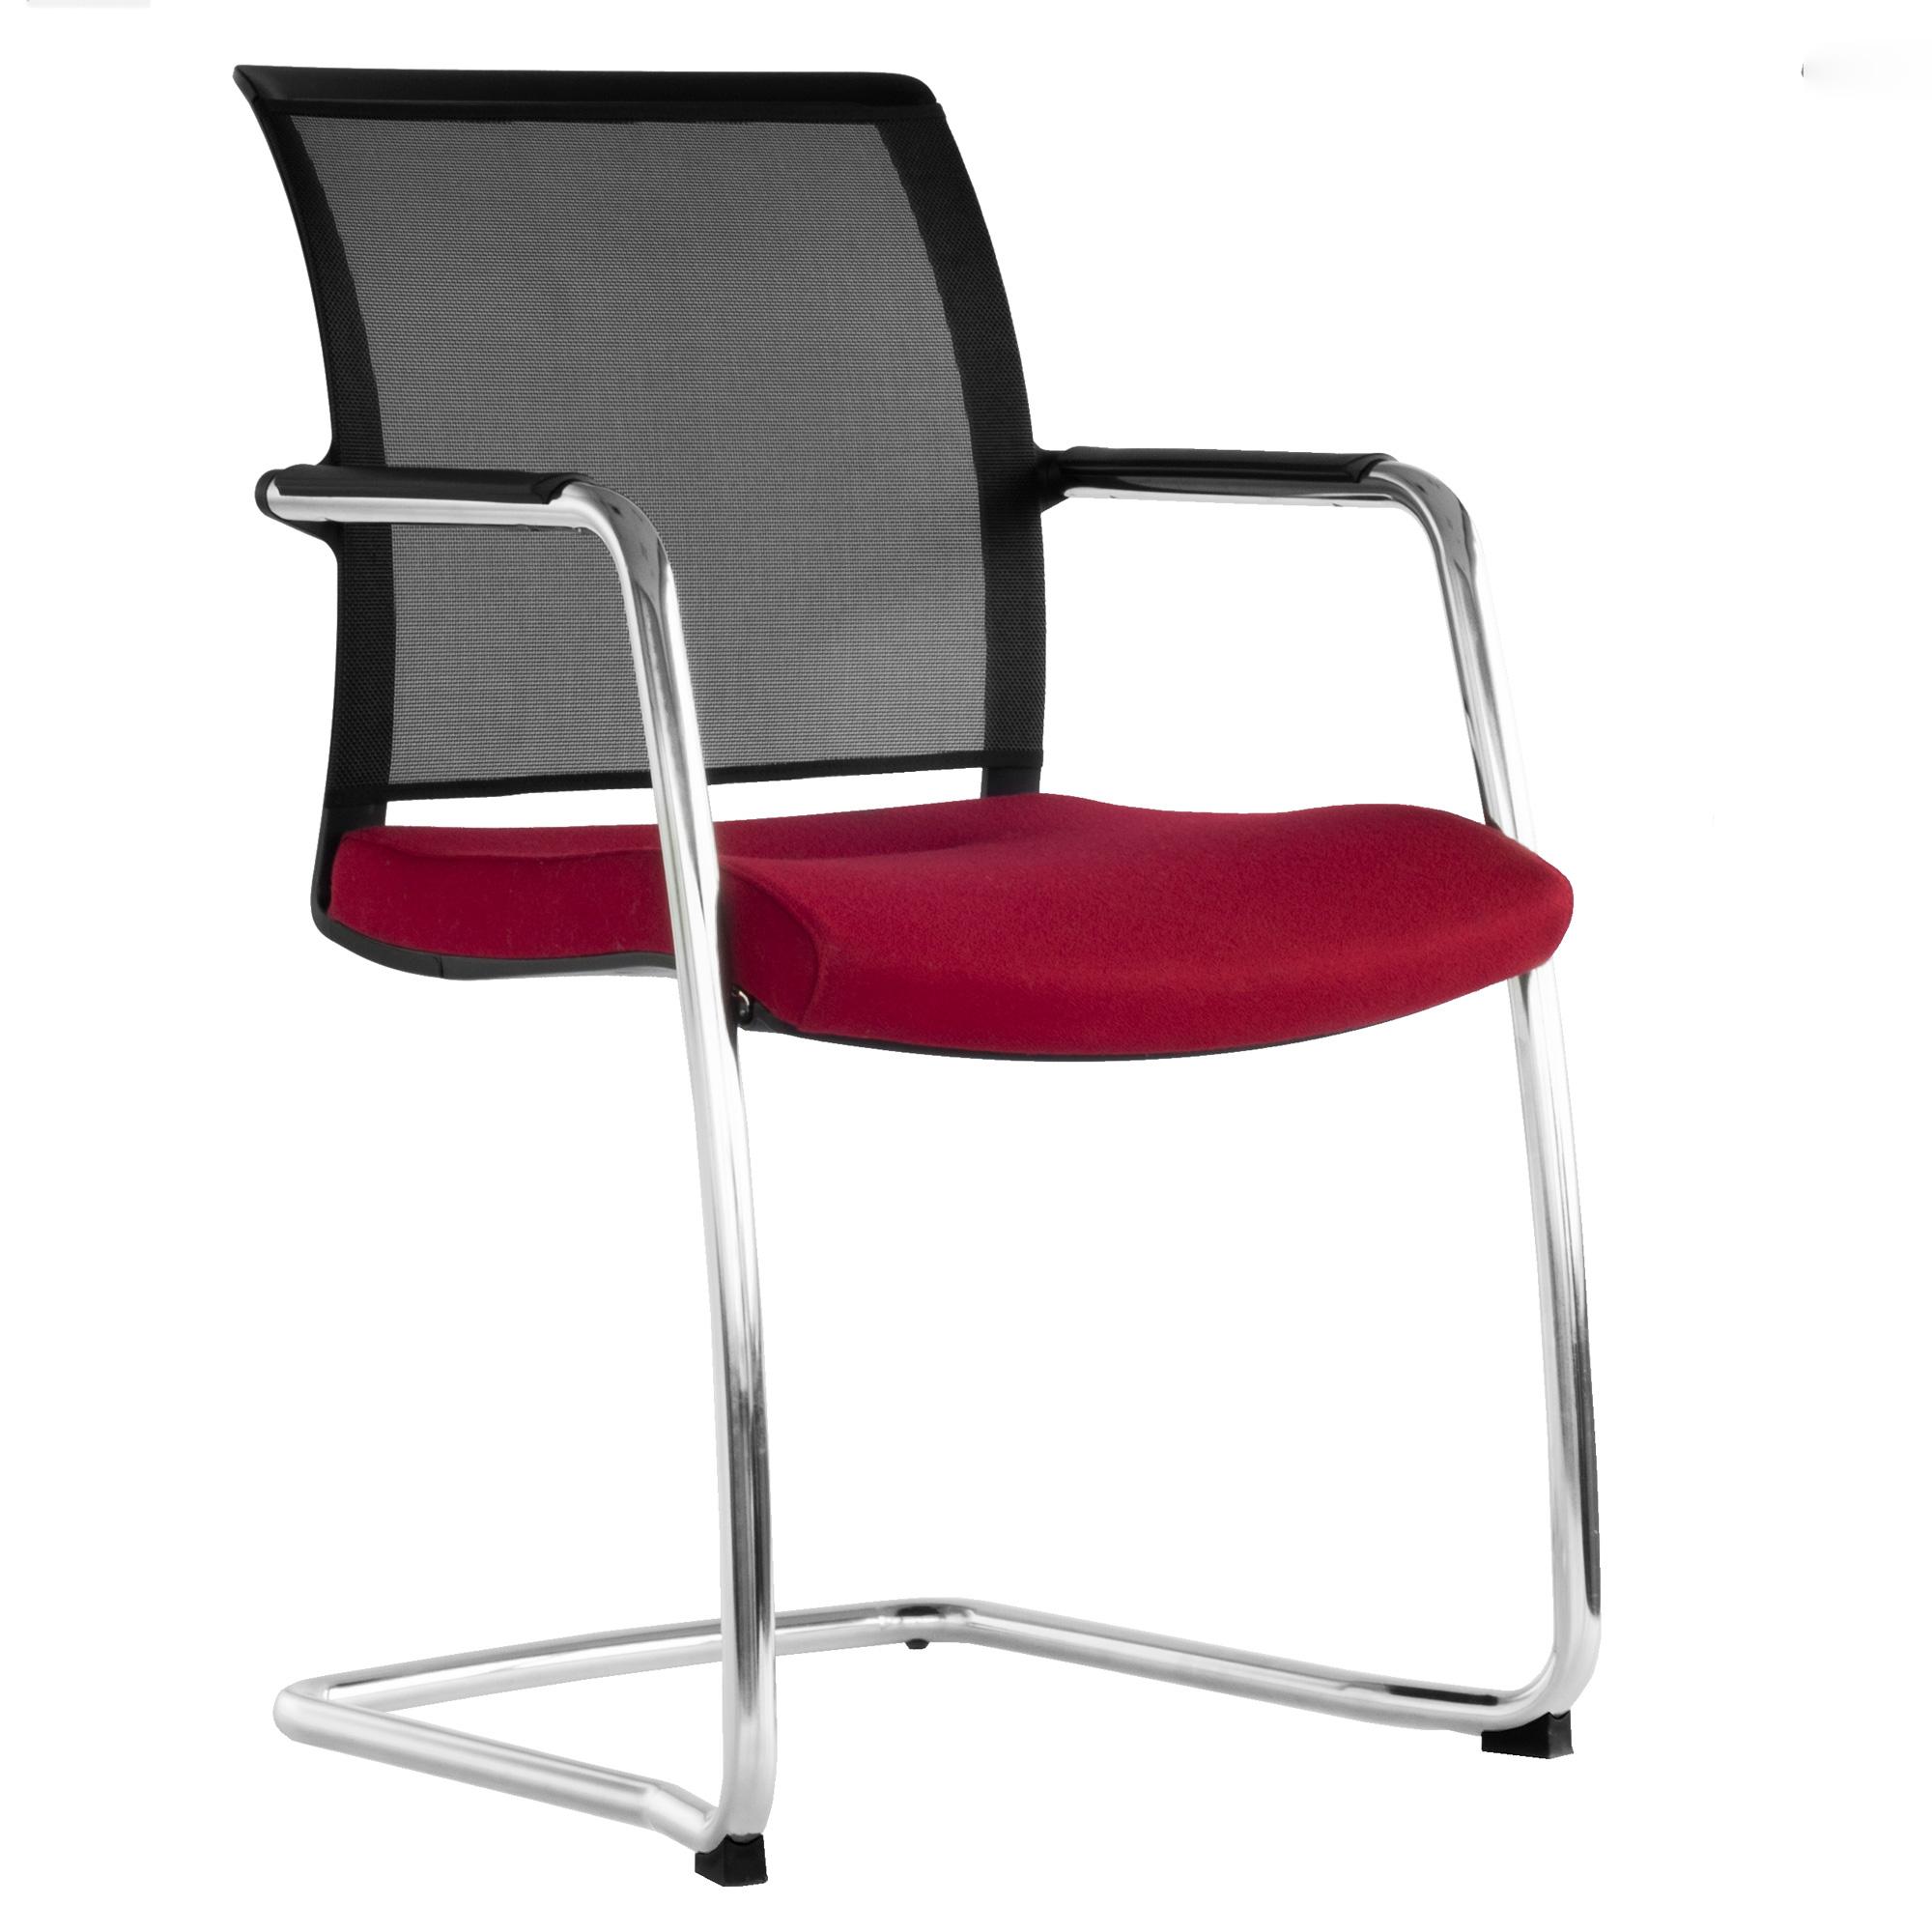 Freischwinger Diva Gepolsterter Sitzfläche Sitzmöbel Besucherstühle